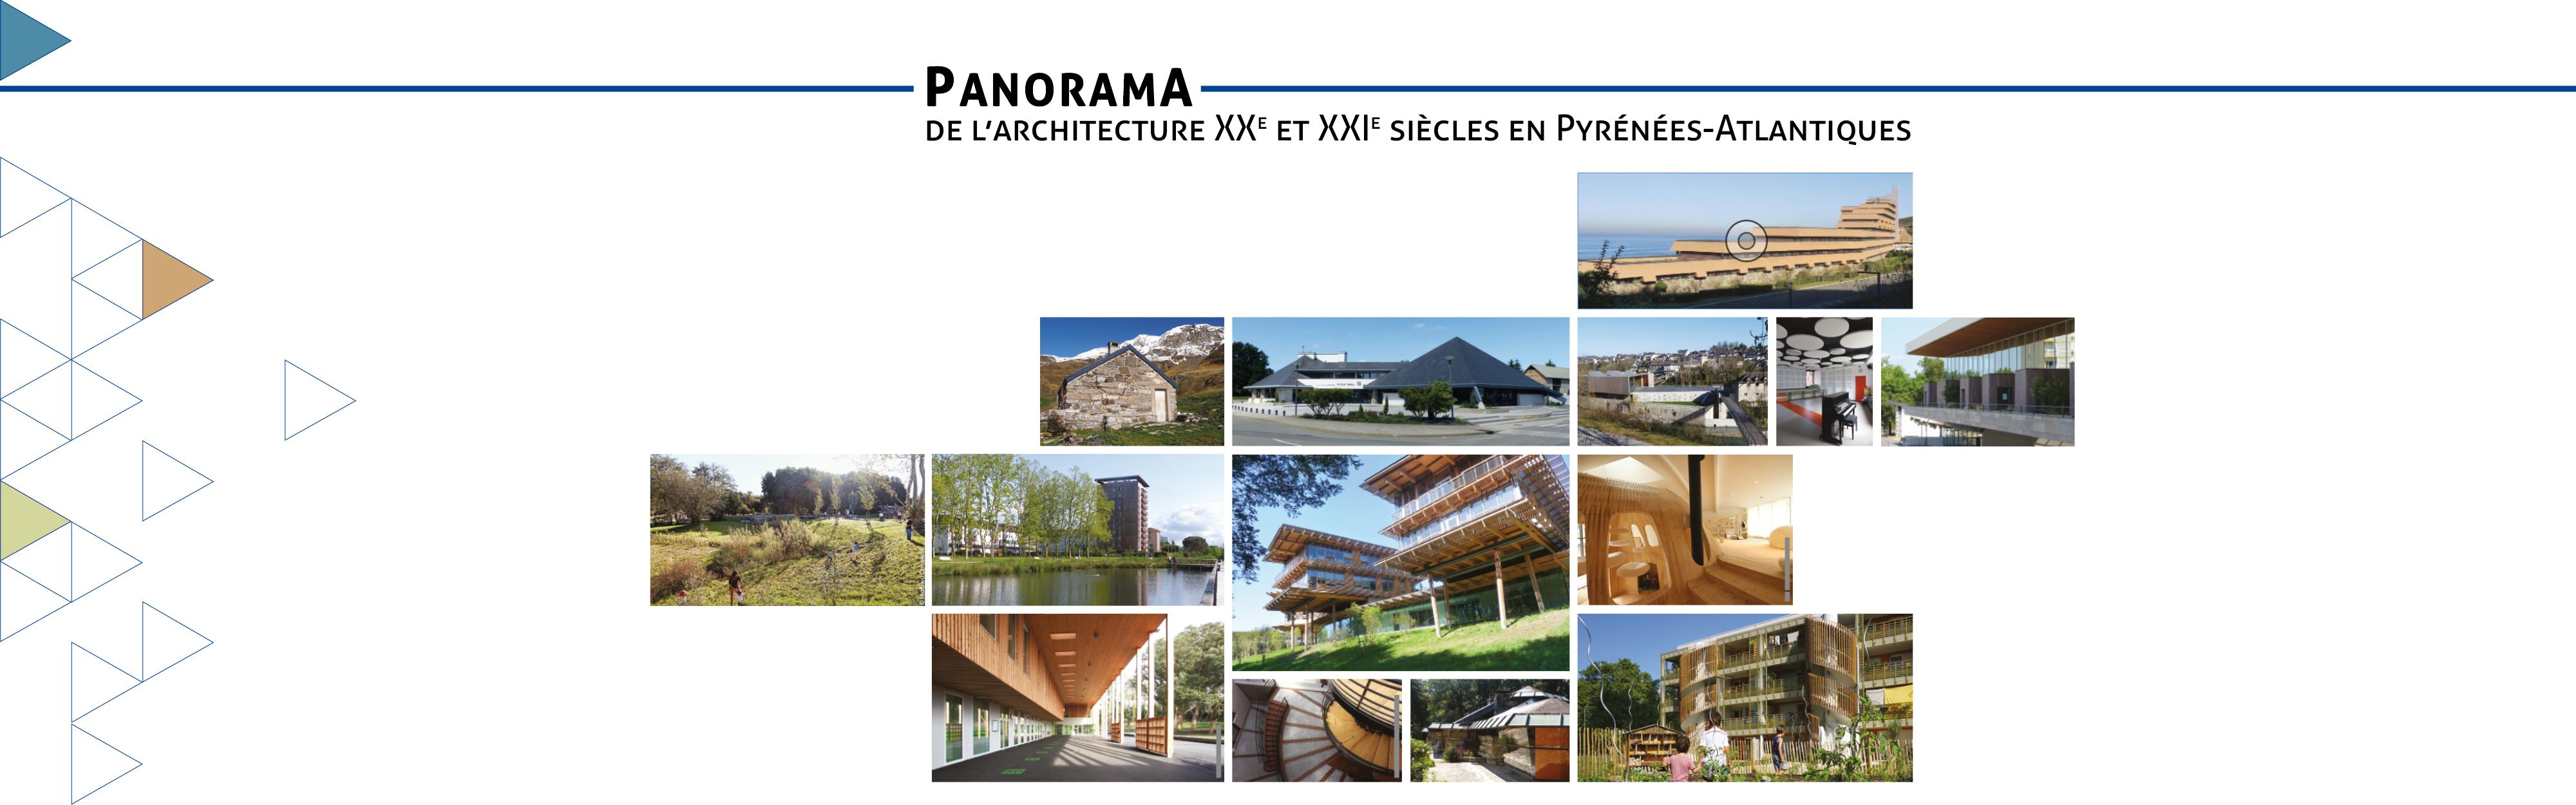 Envie d'architectures et de belles images ?